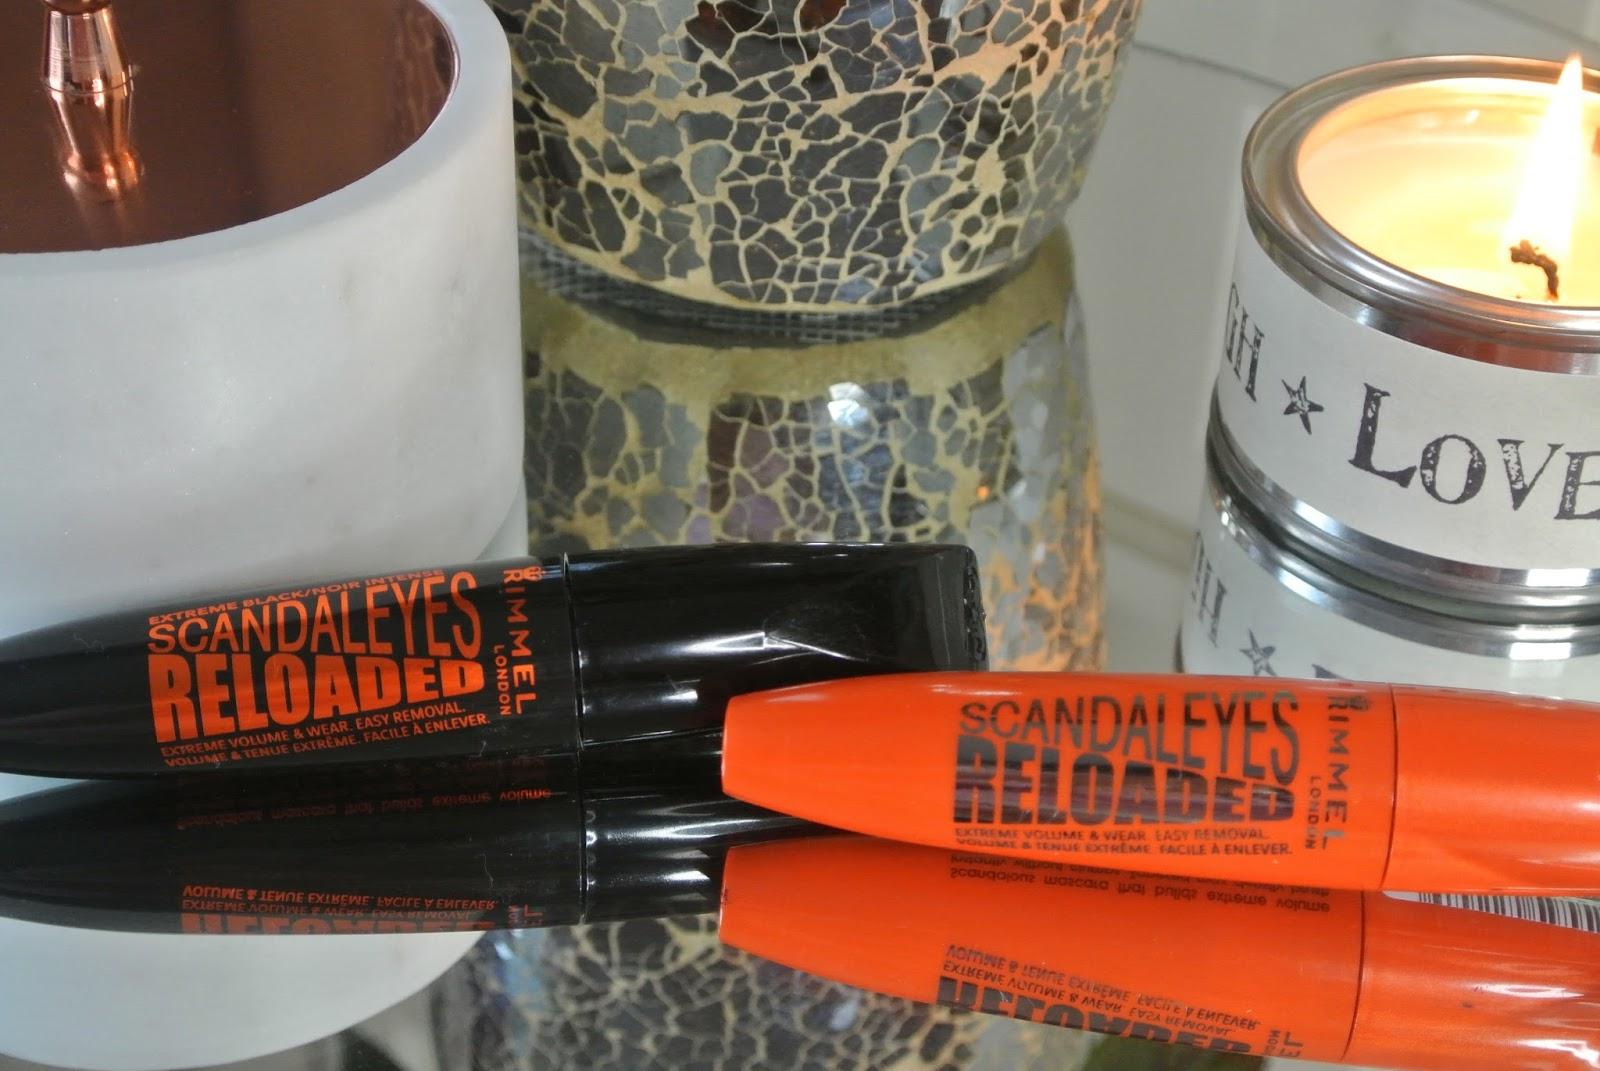 Rimmel Scandaleyes Reloaded Mascara in Black and Extreme Black Image